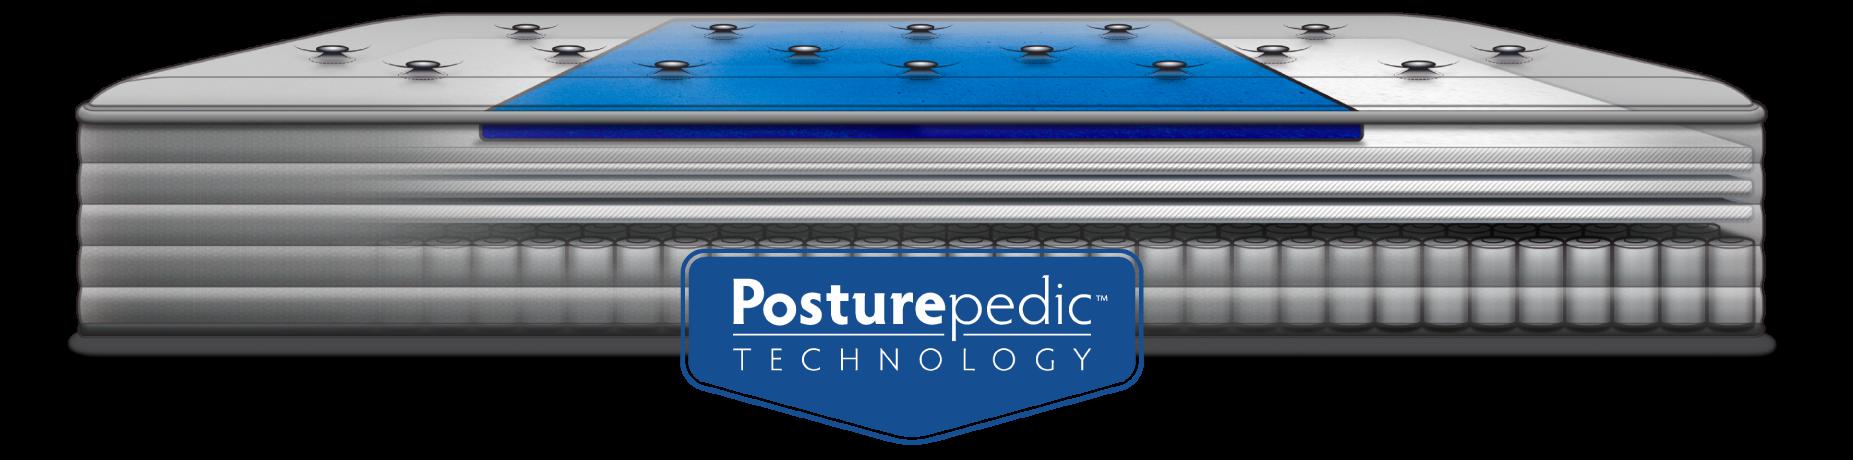 Posturepedic support